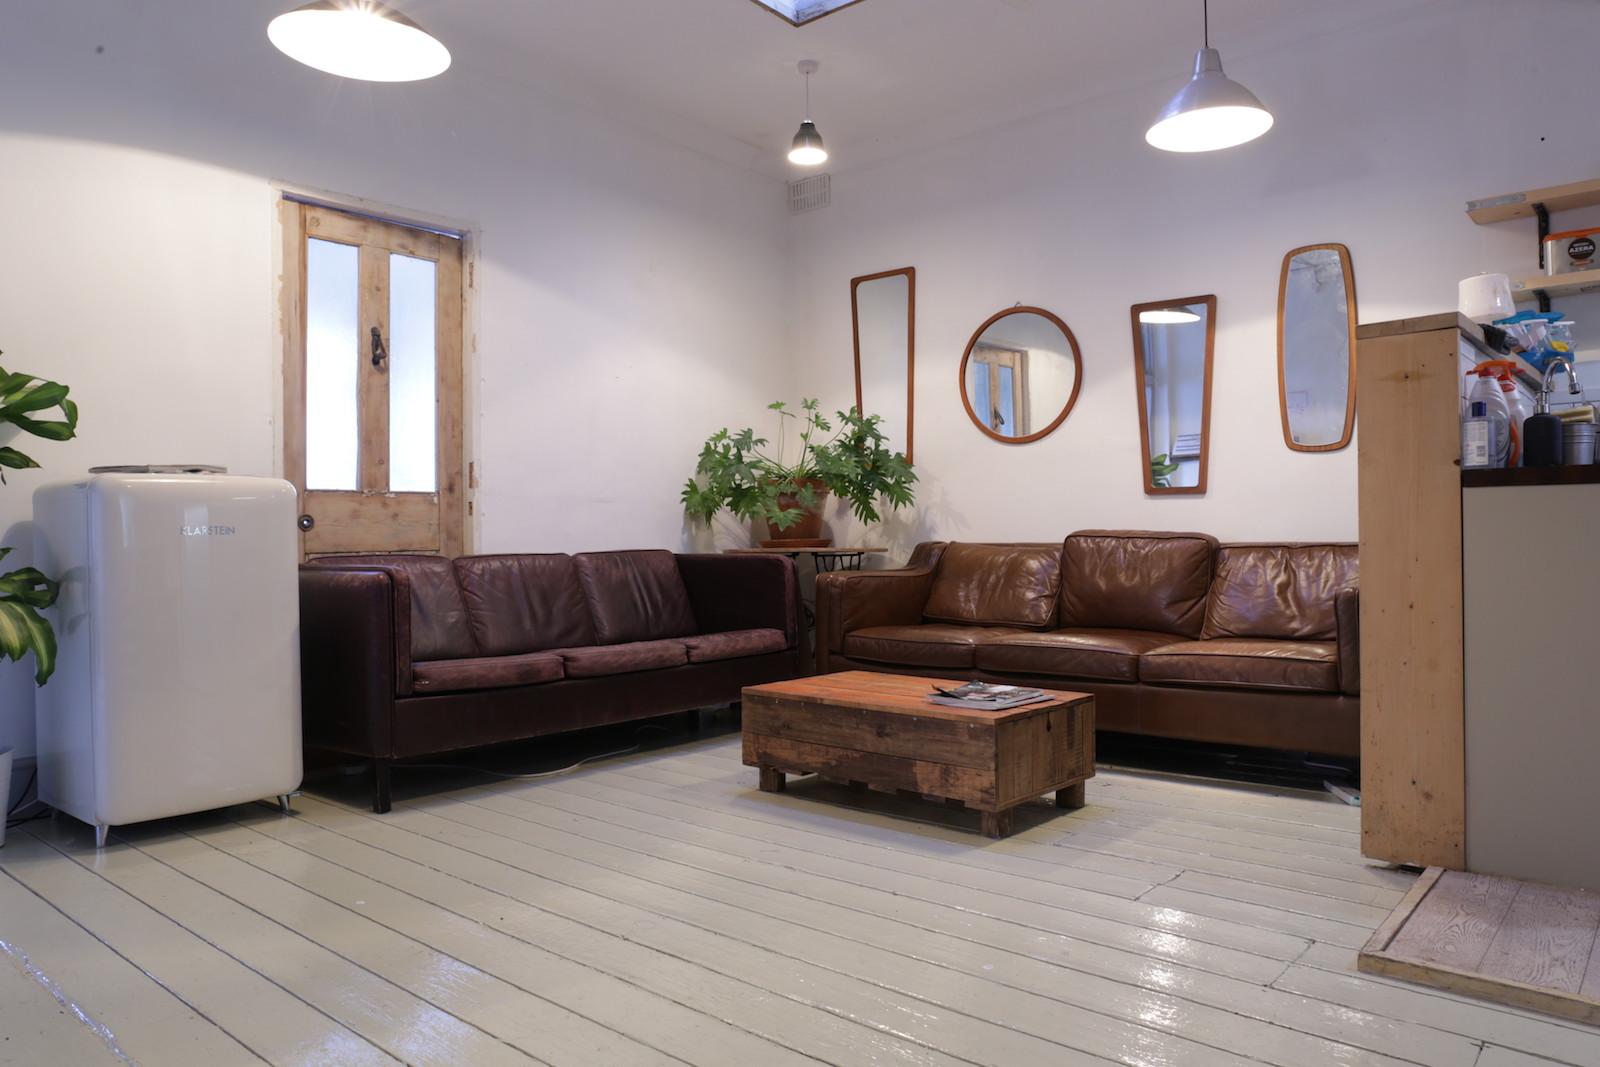 Belt Craft studio Green Room